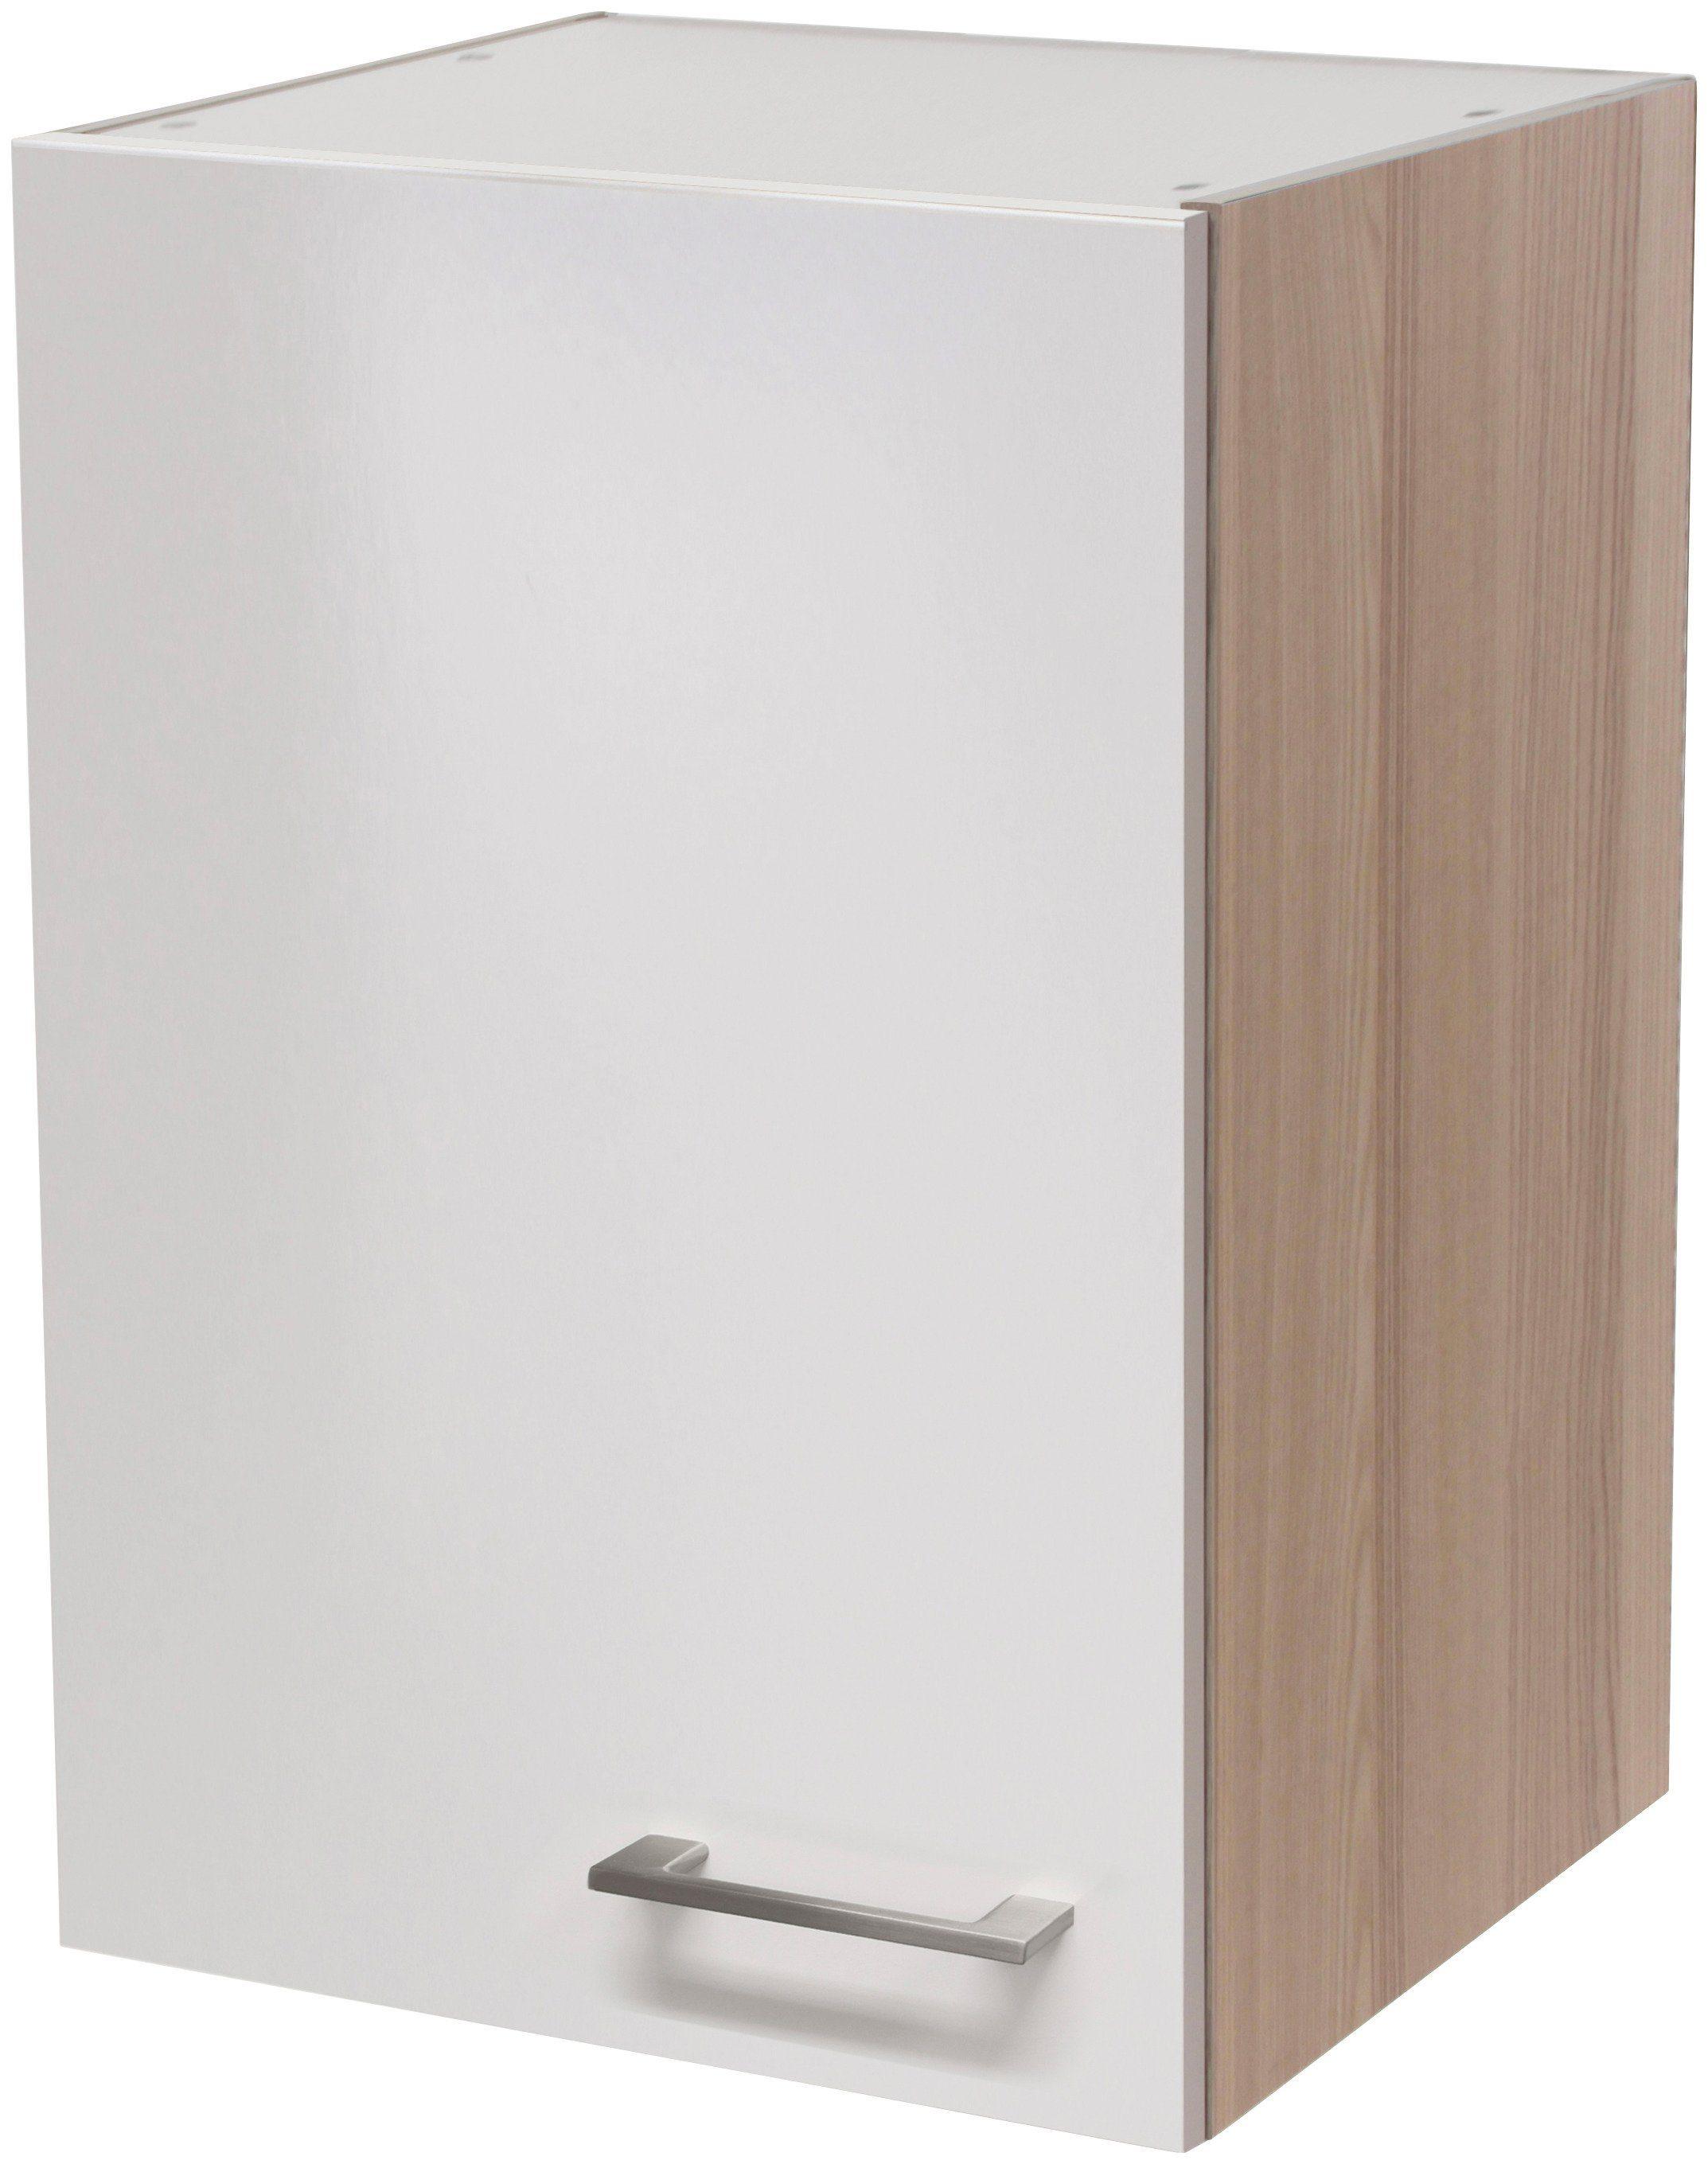 Küchenhängeschrank »Oregon«, Breite 40 cm